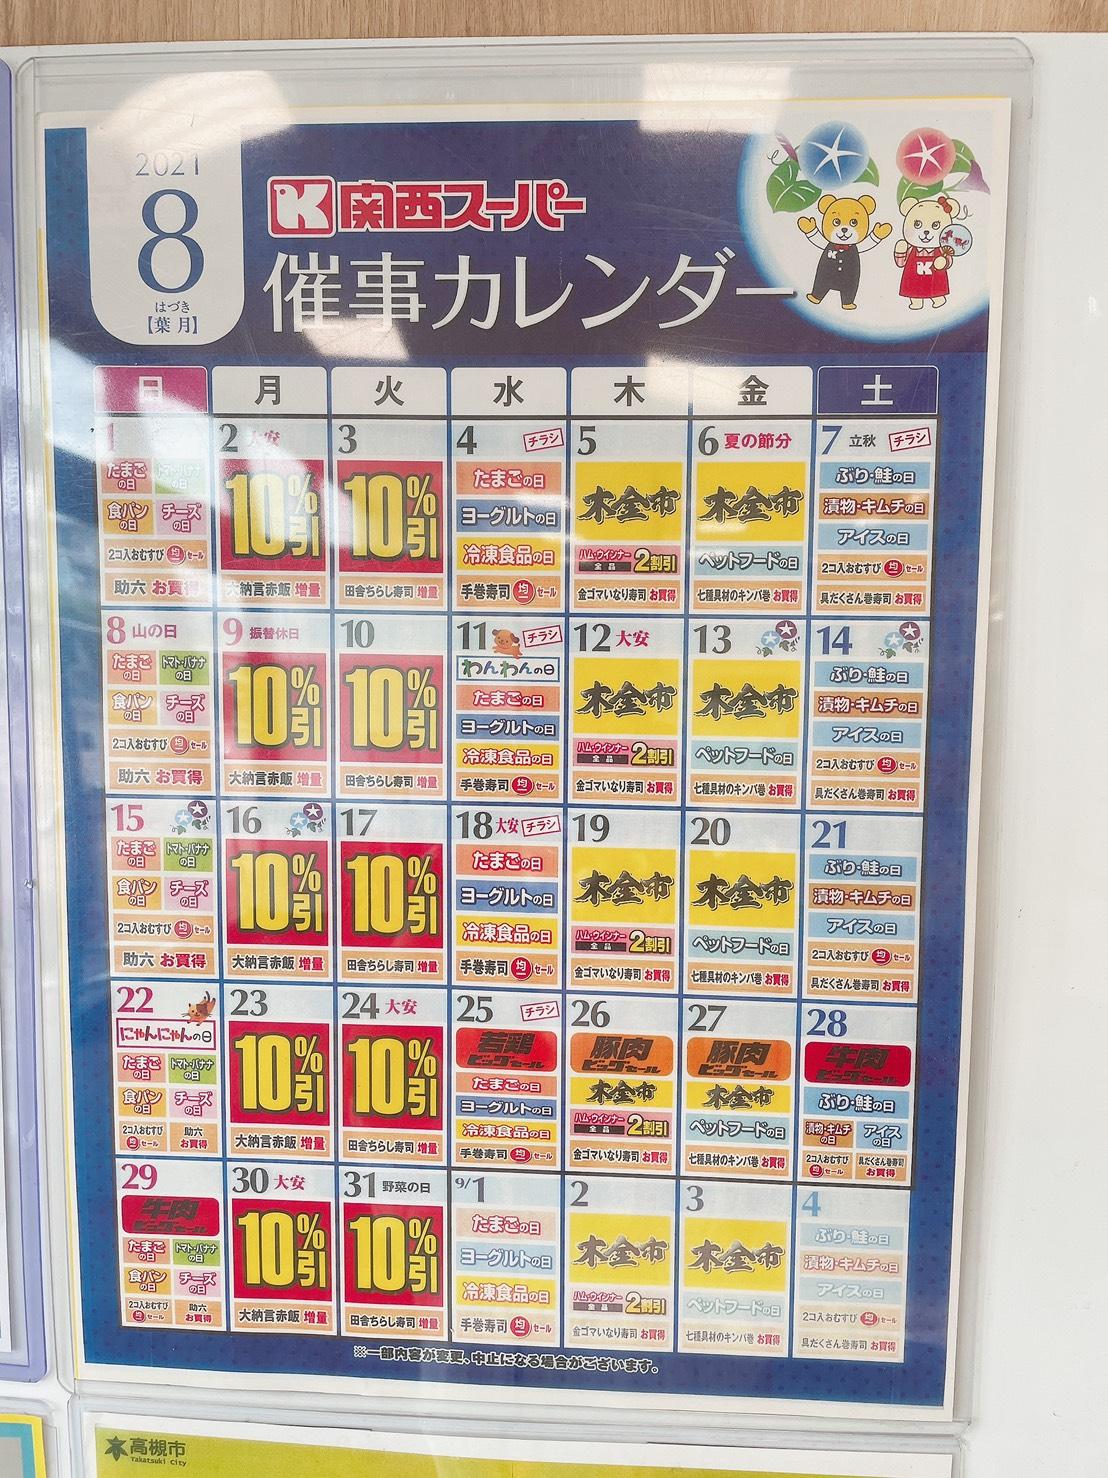 ★関西スーパー西冠店★8月のお買い物カレ…の画像